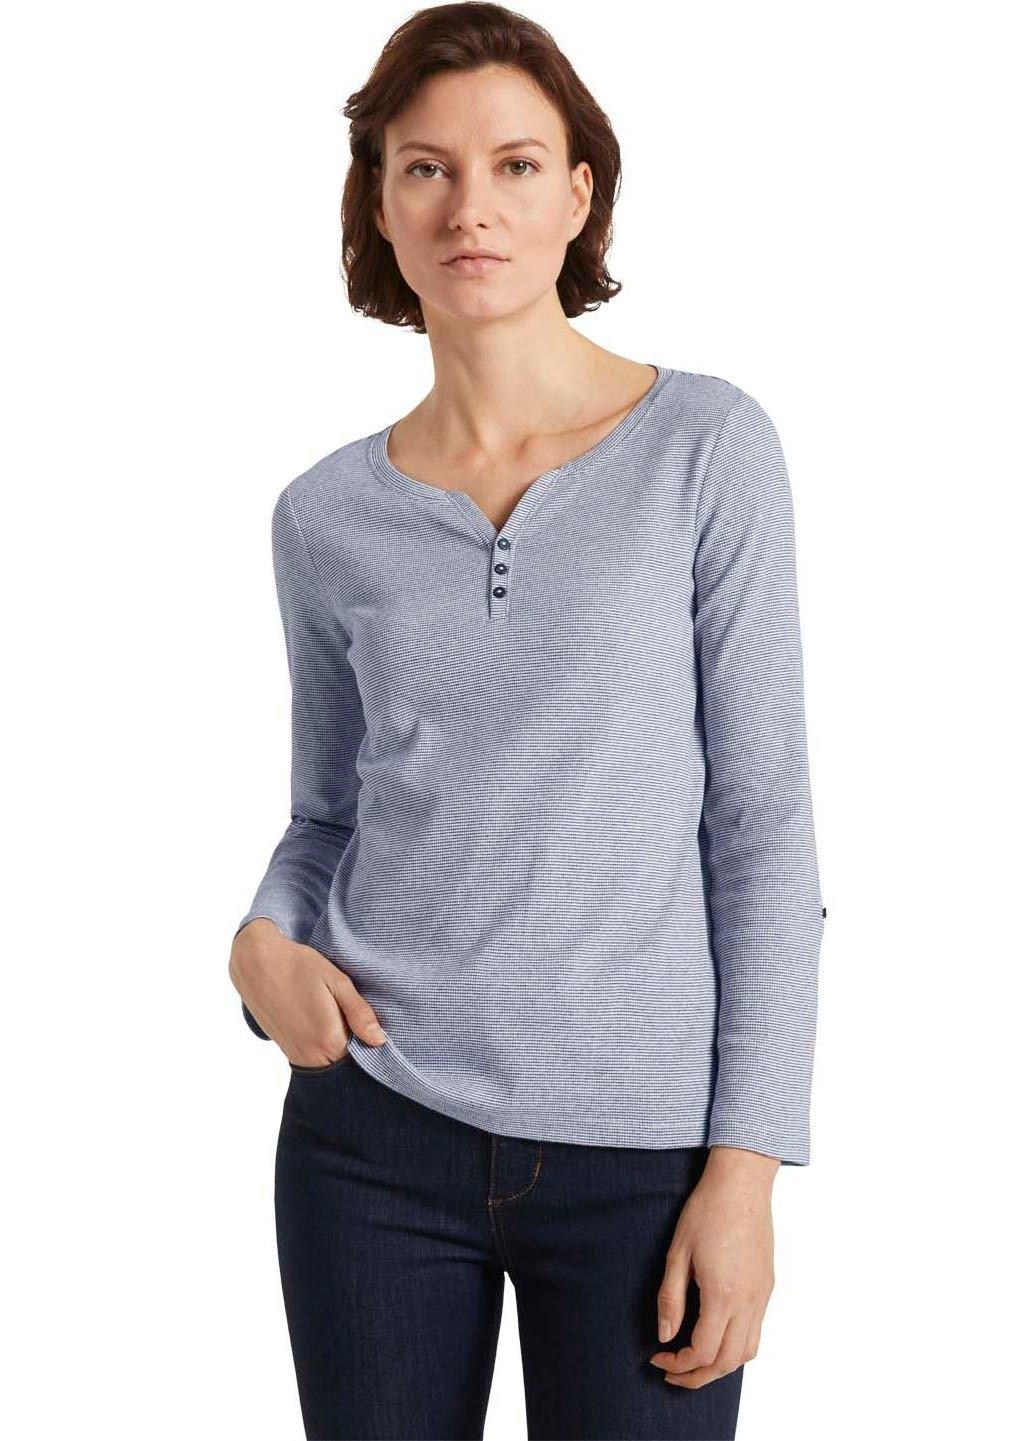 Tom Tailor shirt met lange mouwen met henleyhals in de webshop van OTTO kopen